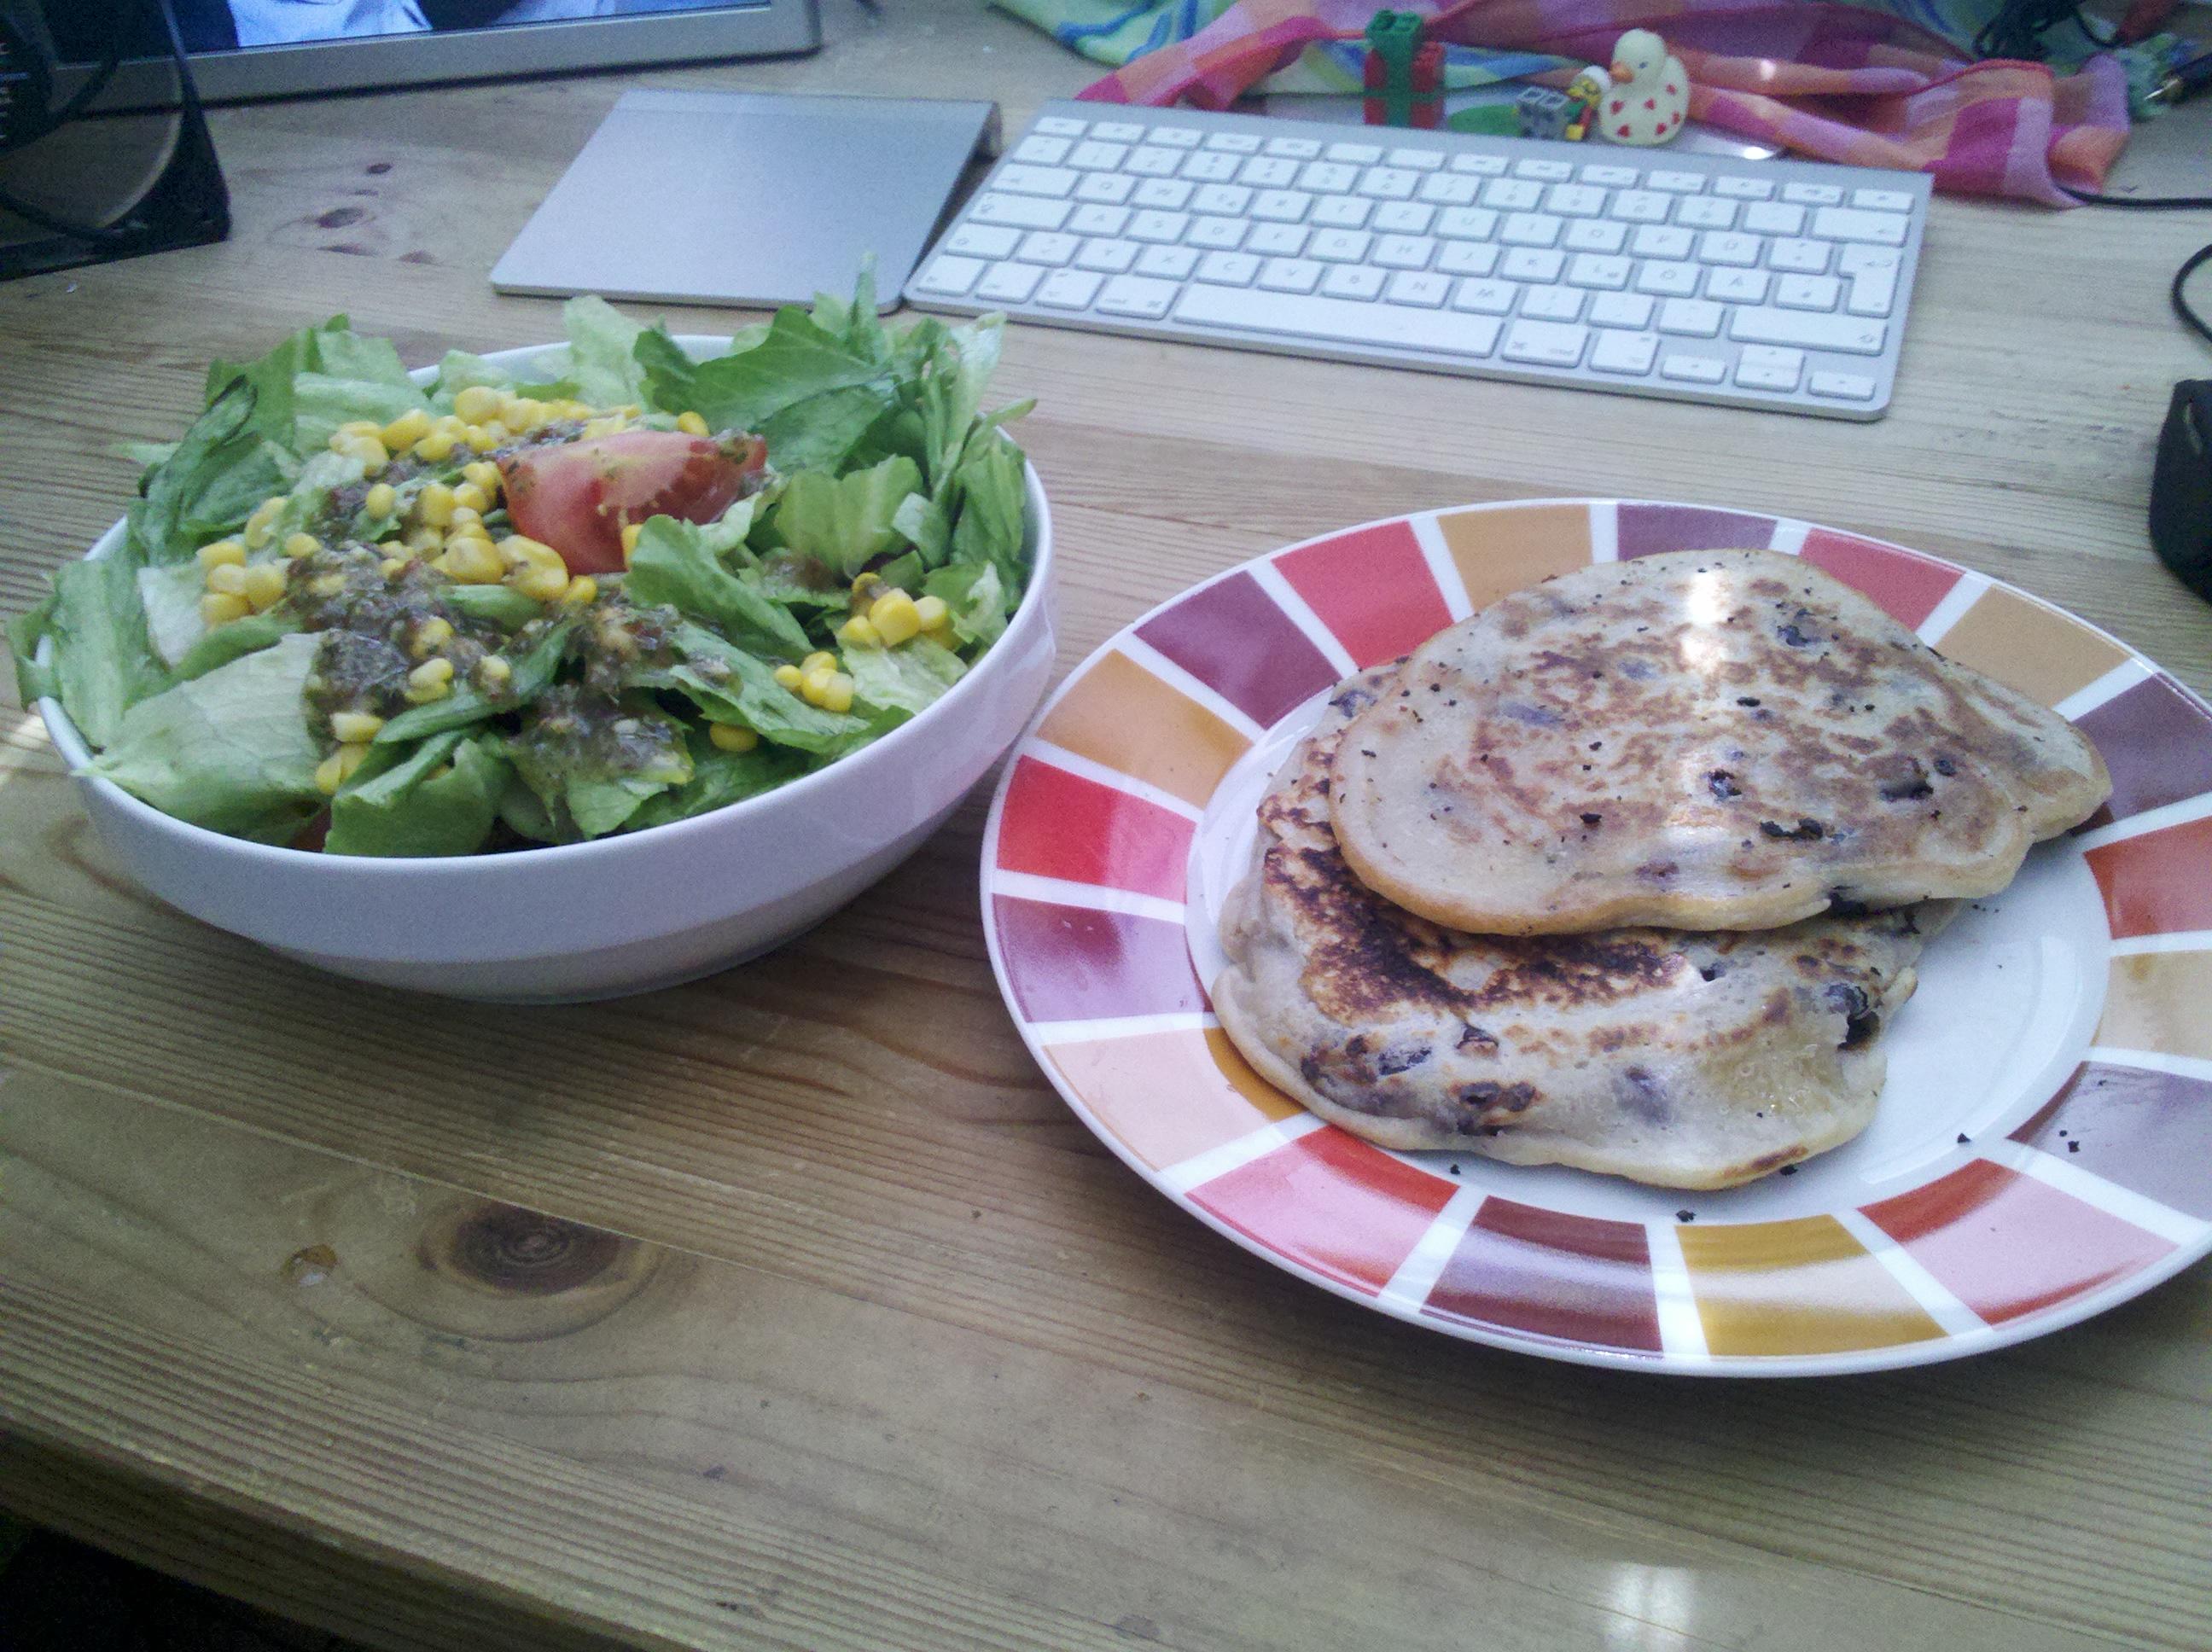 https://foodloader.net/thunfisch_2012-07-05_salat_ciabattaomlets.jpg